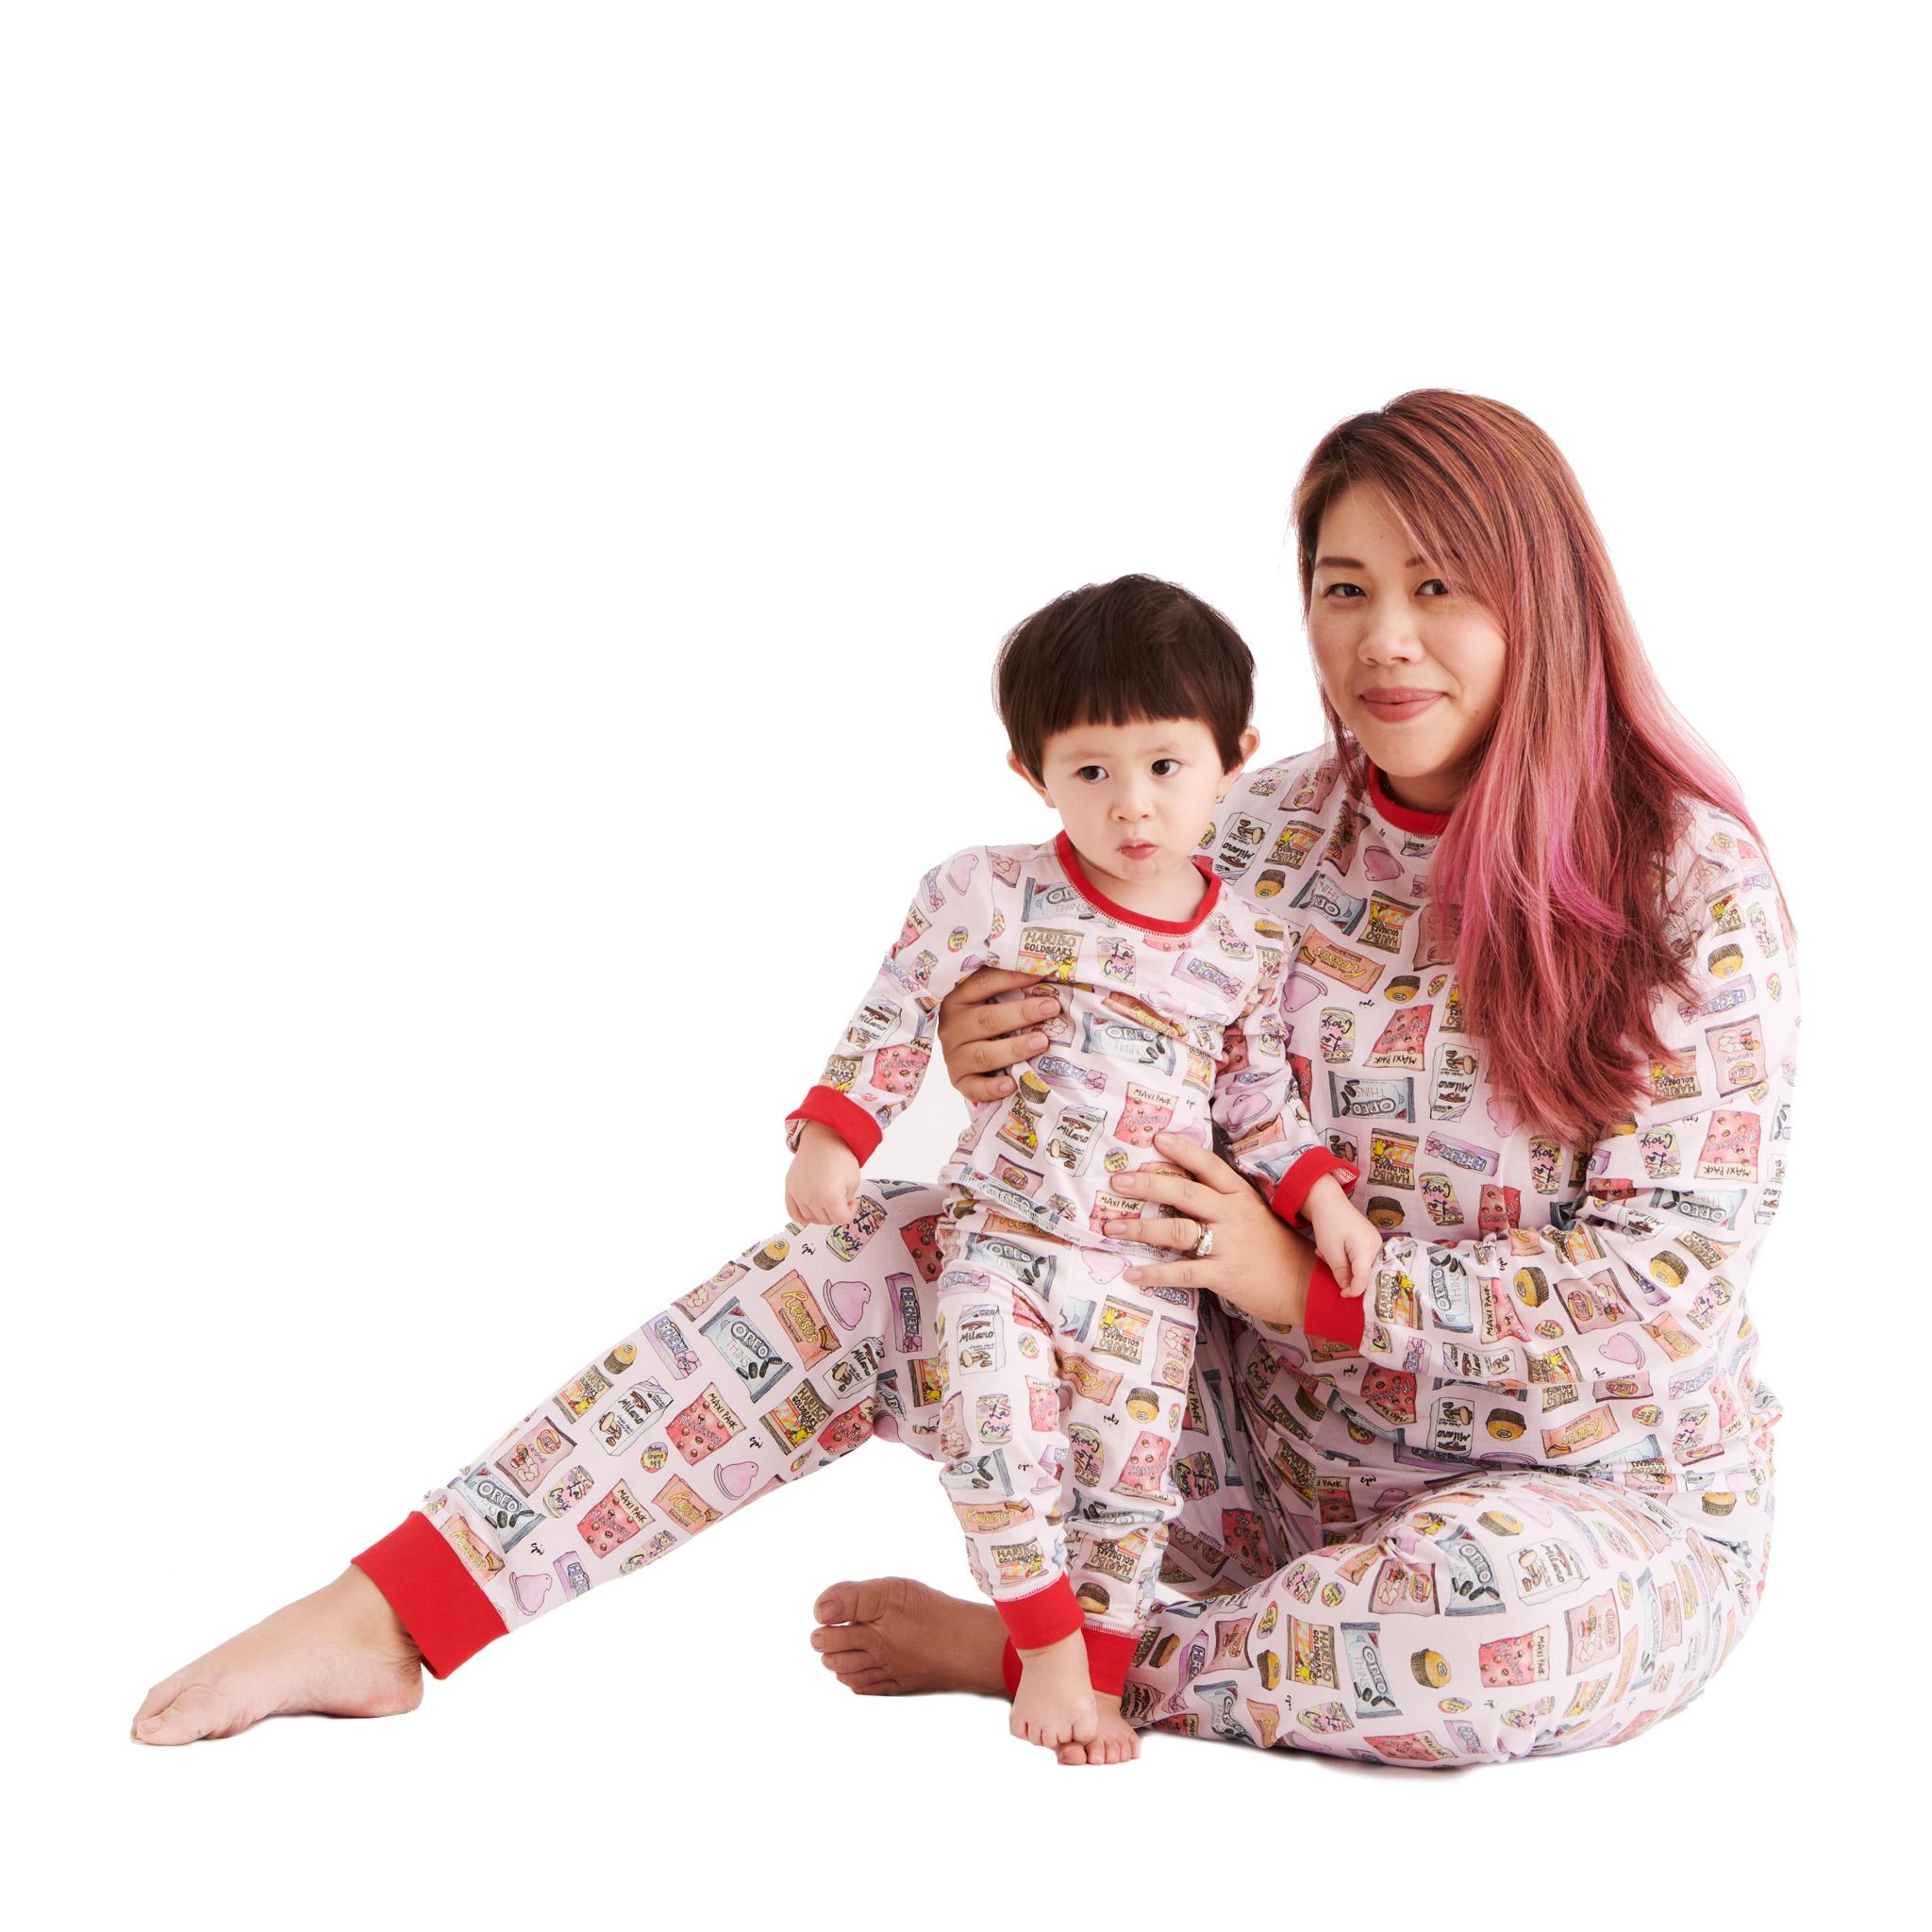 Christina J. Wang Releases Mom + Mini Collection